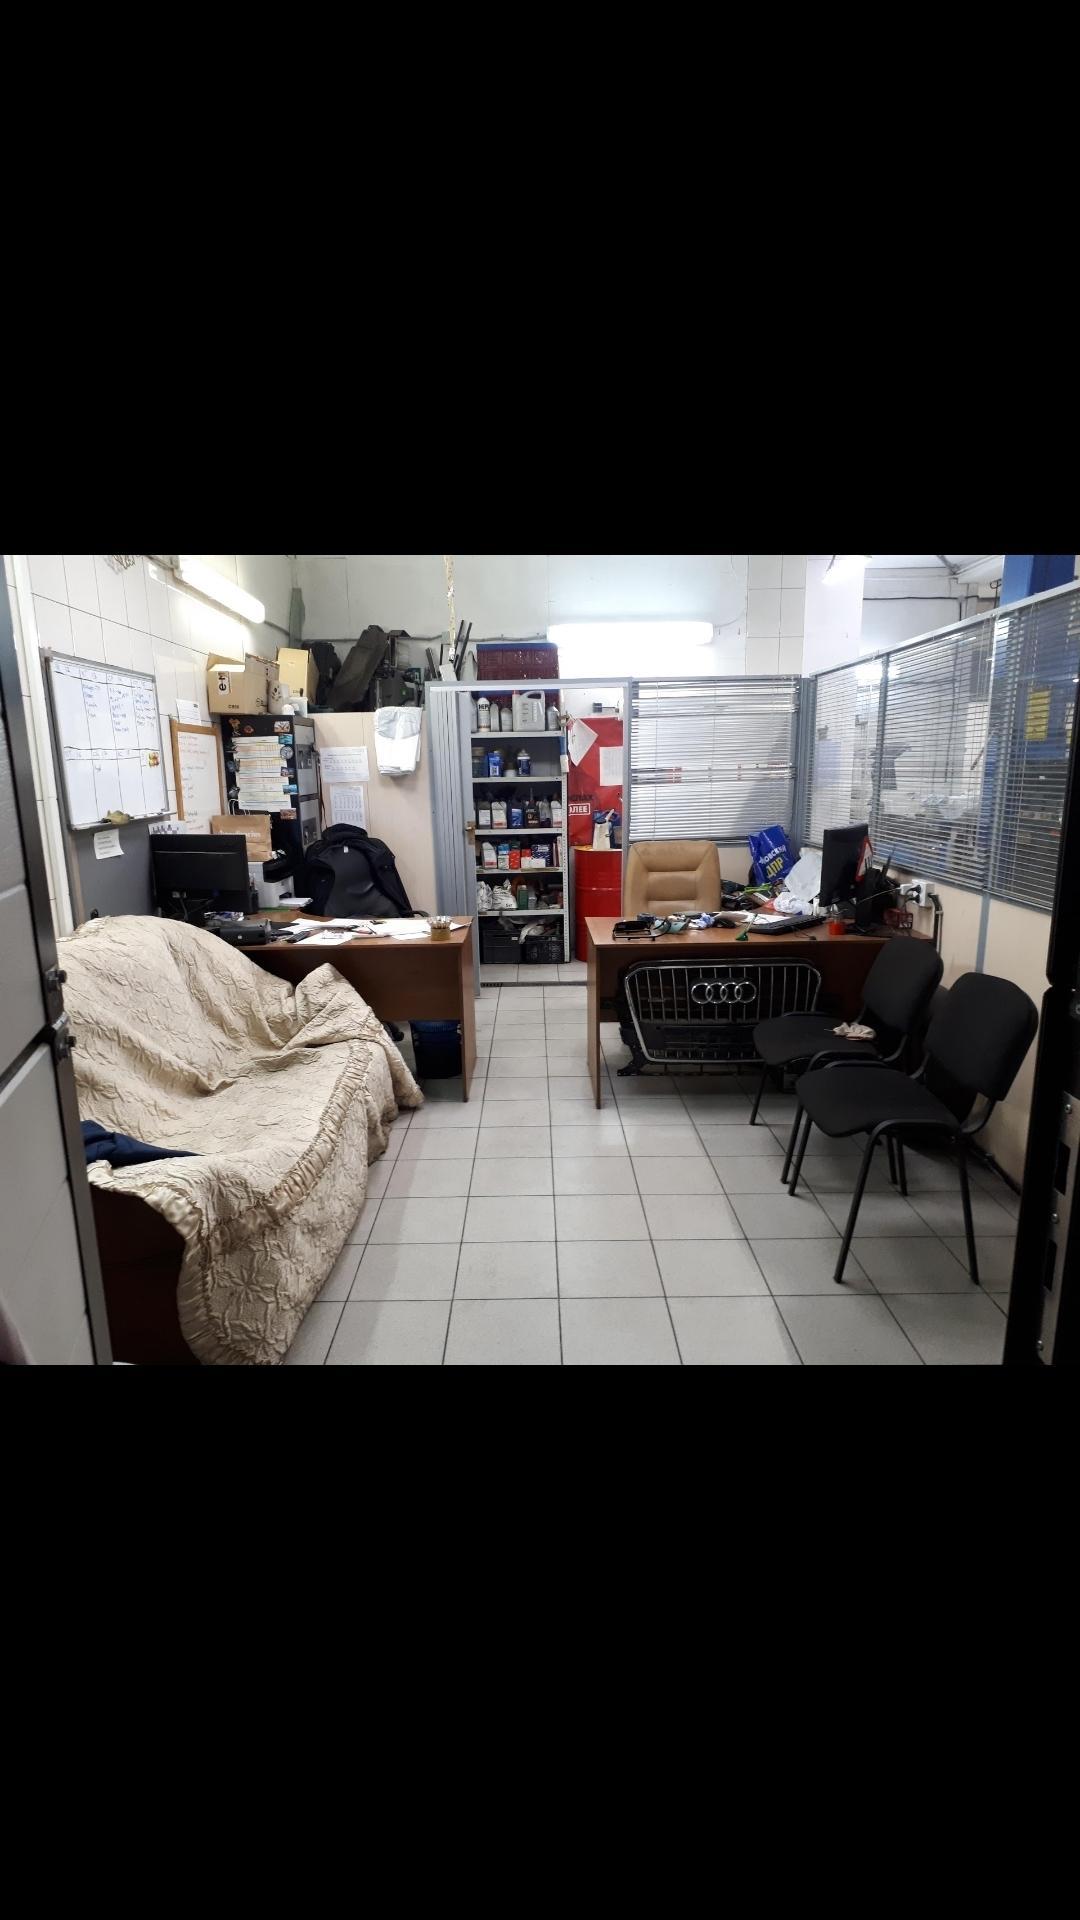 Автосервис действующий в Щербинке 89169796527 купить 2